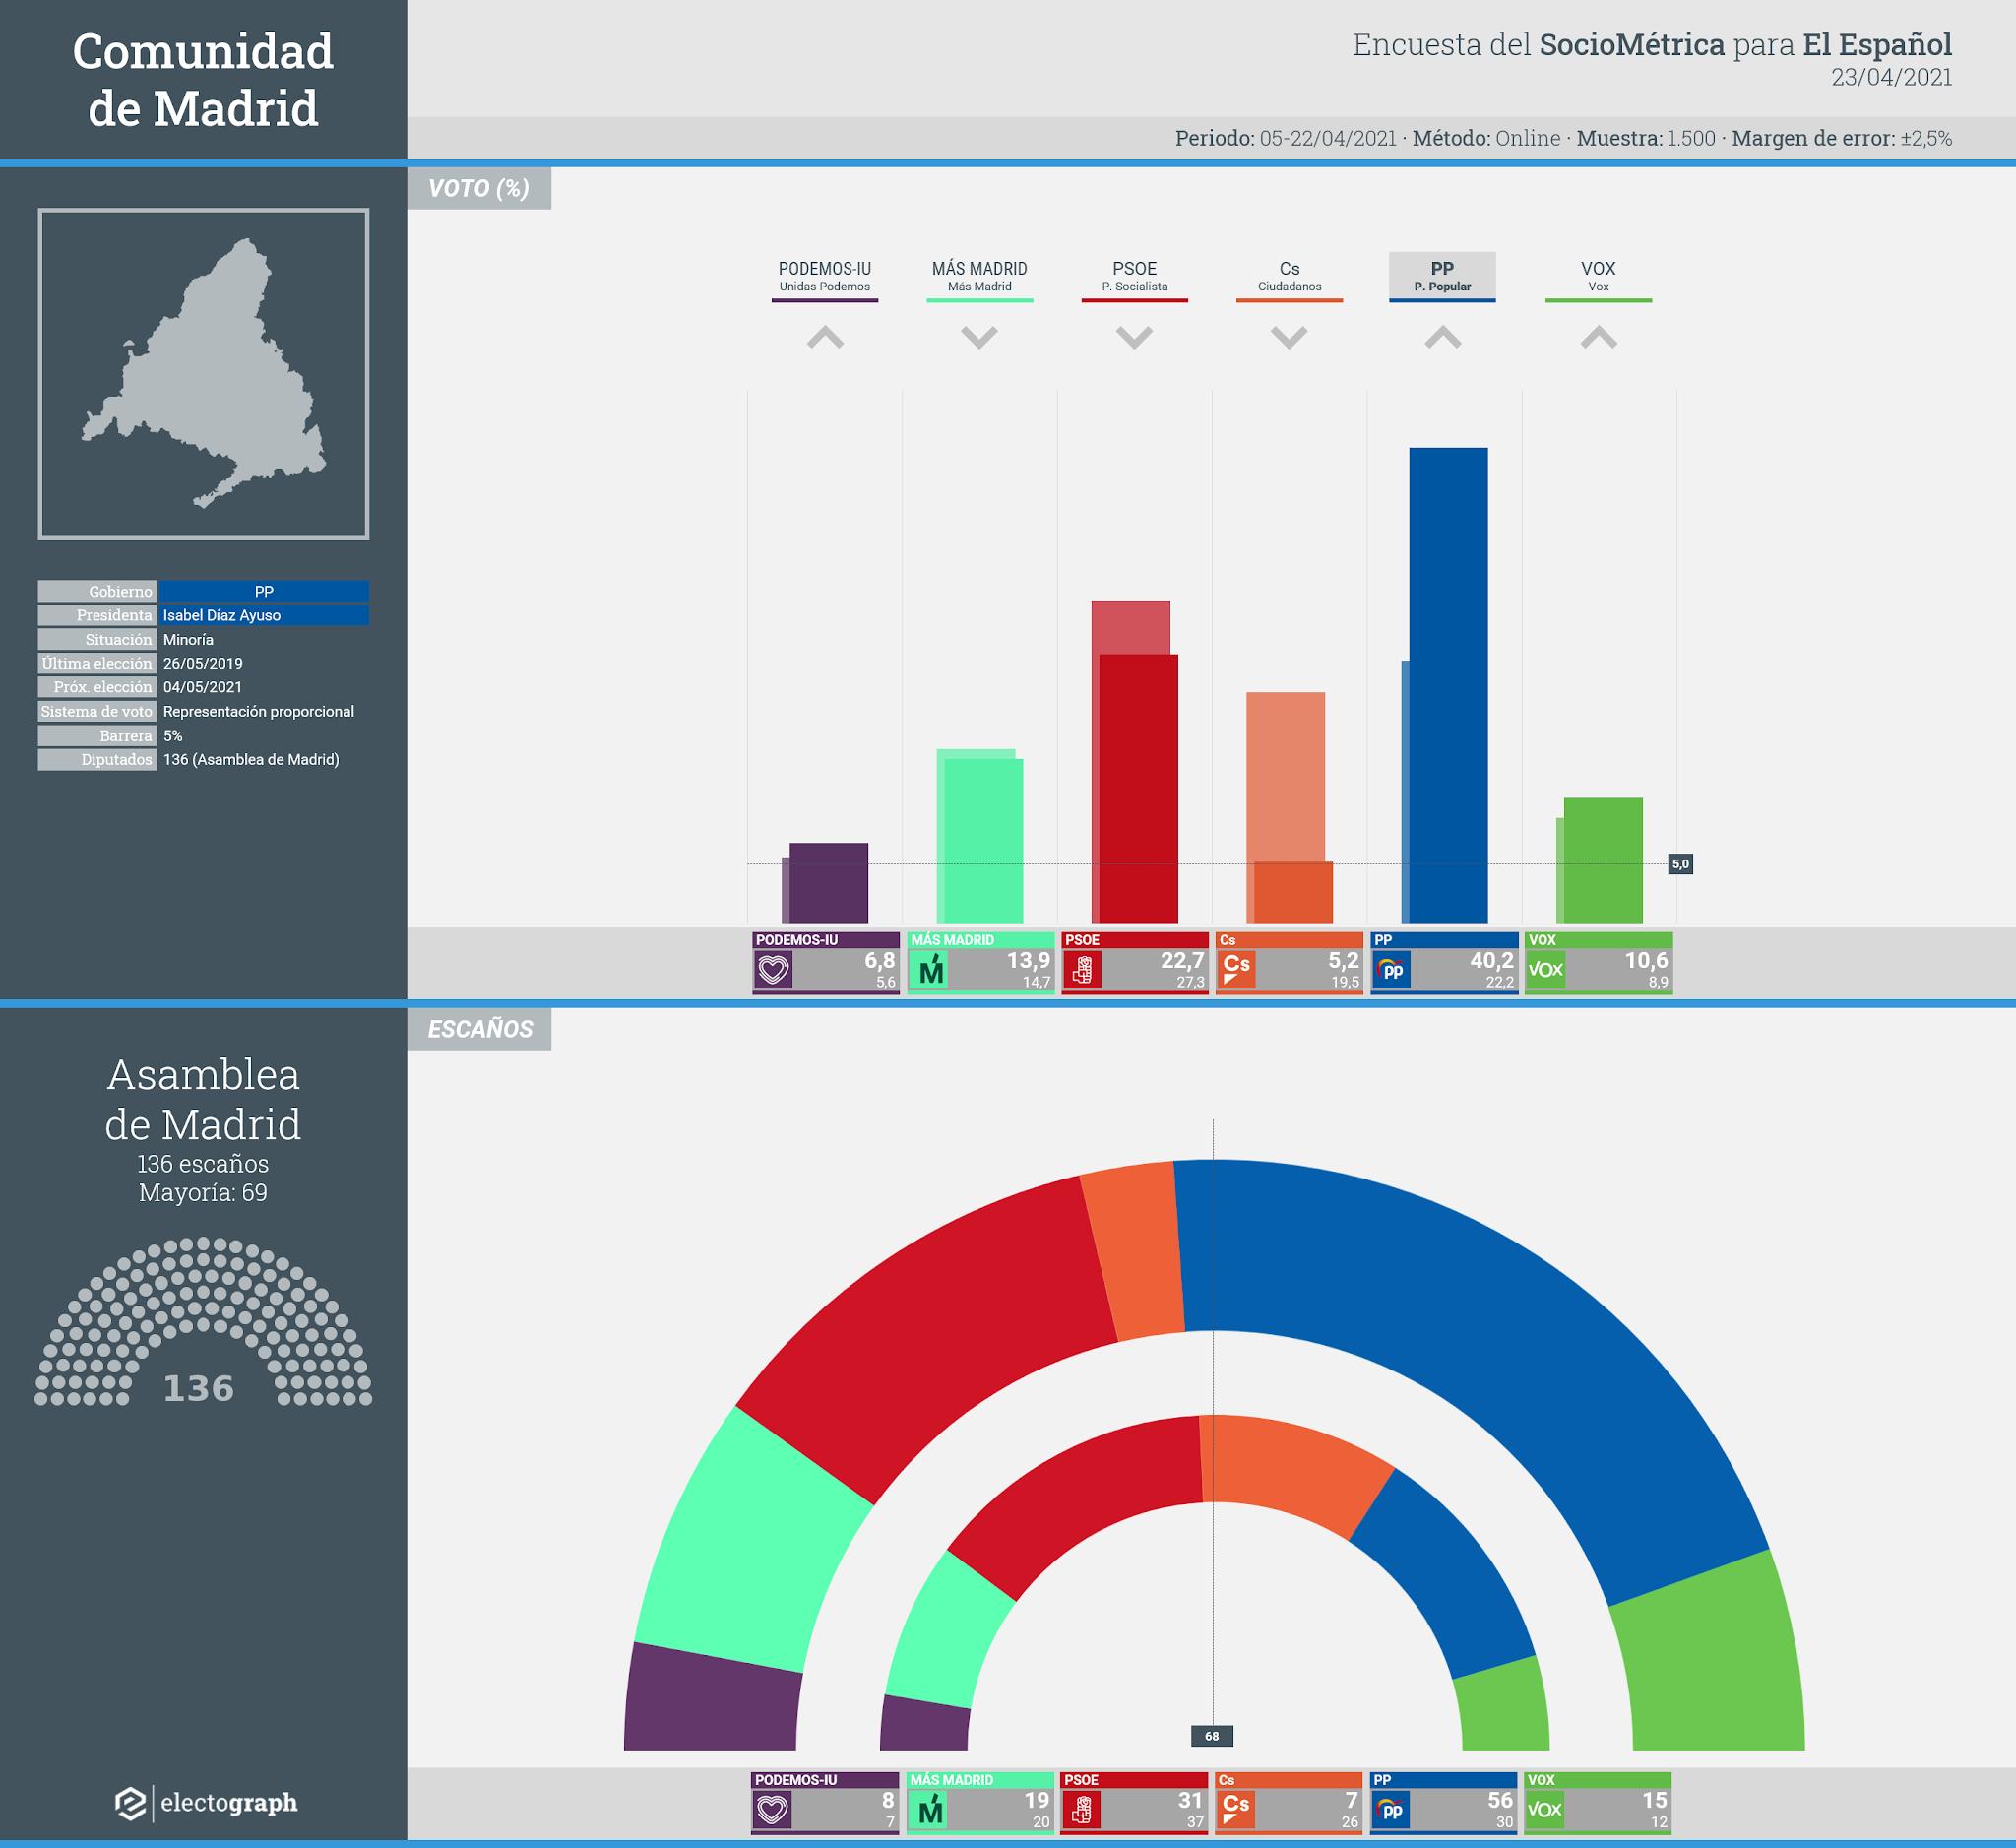 Gráfico de la encuesta para elecciones autonómicas en la Comunidad de Madrid realizada por SocioMétrica para El Español, 23 de abril de 2021